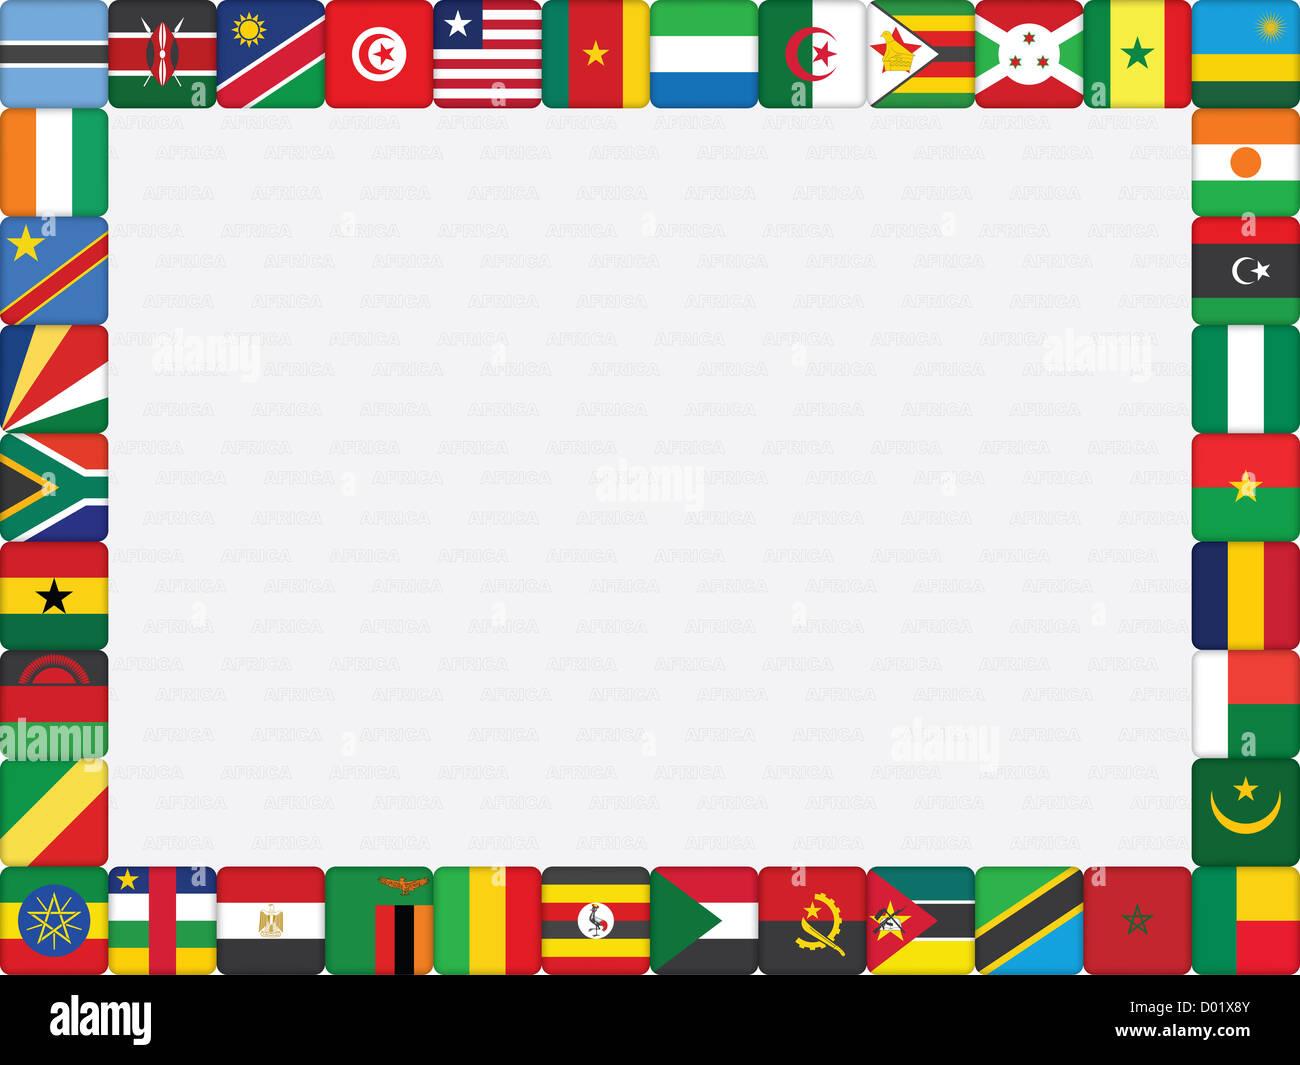 Hintergrund mit afrikanischen Ländern Flag Icons Rahmen Stockfoto ...